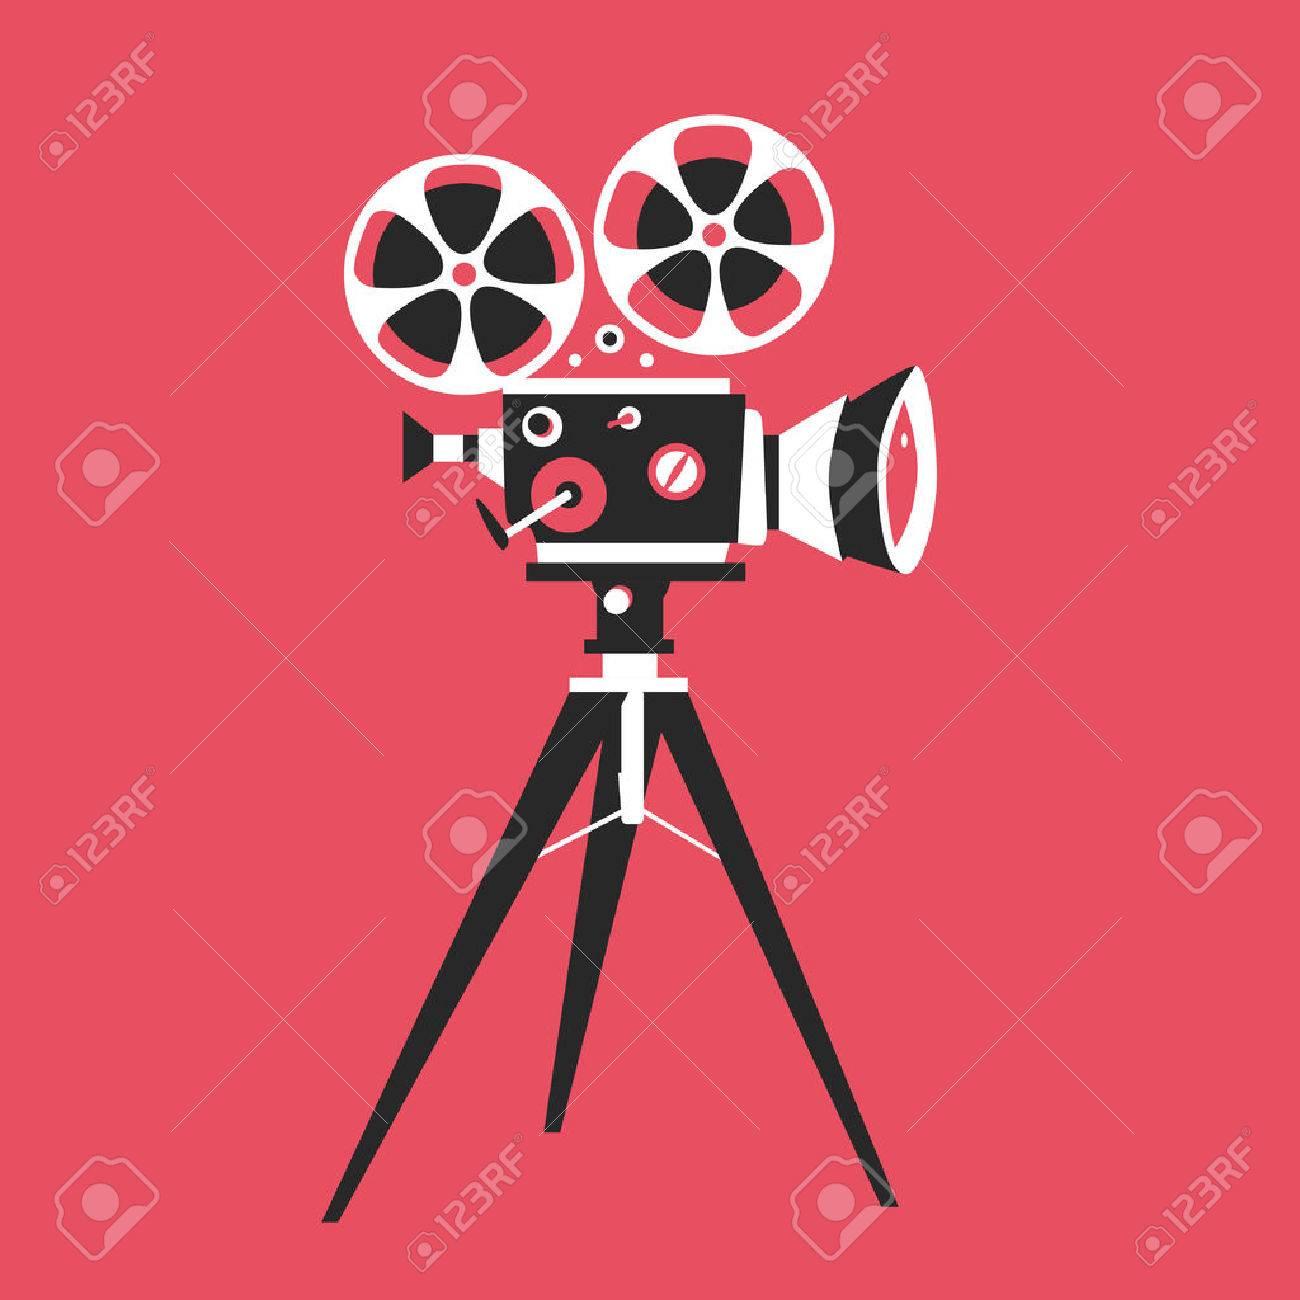 Retro movie projector poster  Cartoon vector illustration  Cinema